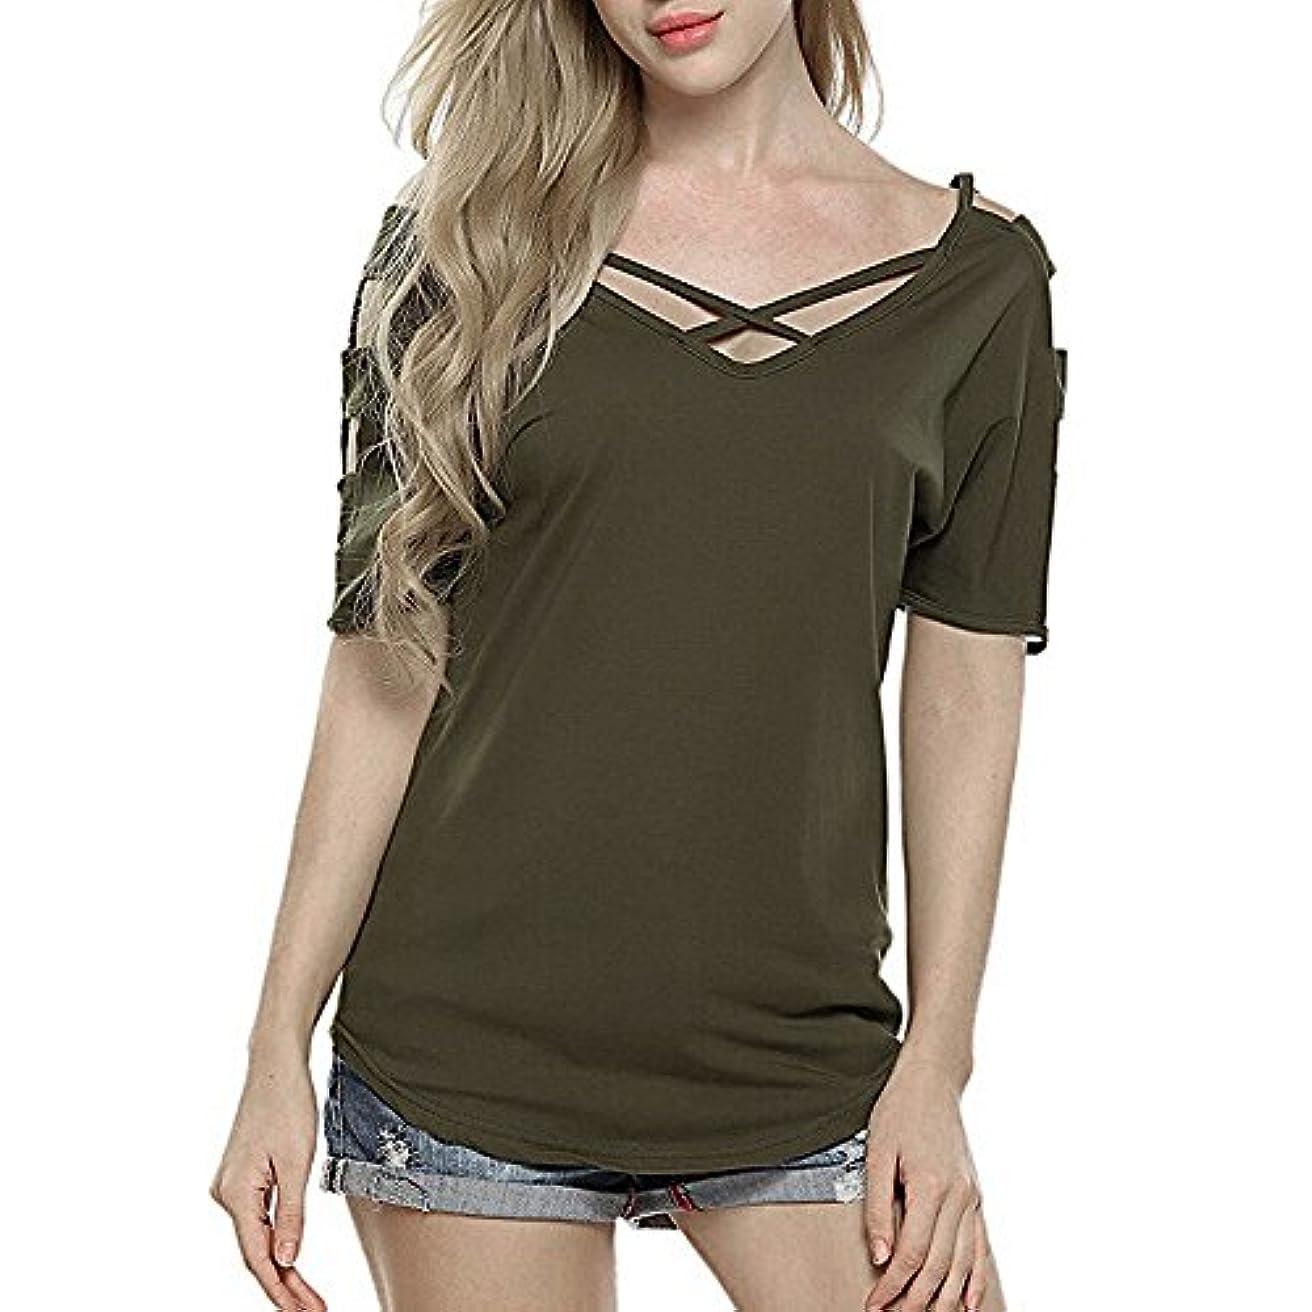 ほこりっぽい素朴なウェーハレディース 洋服 半袖 Vネック 無地 tシャツ 体型カバー 欧米風 夏服 日々着 大きなサイズ 0代30代40代でも お仕事 お出かけ デート 旅行 (XL, グリーン)